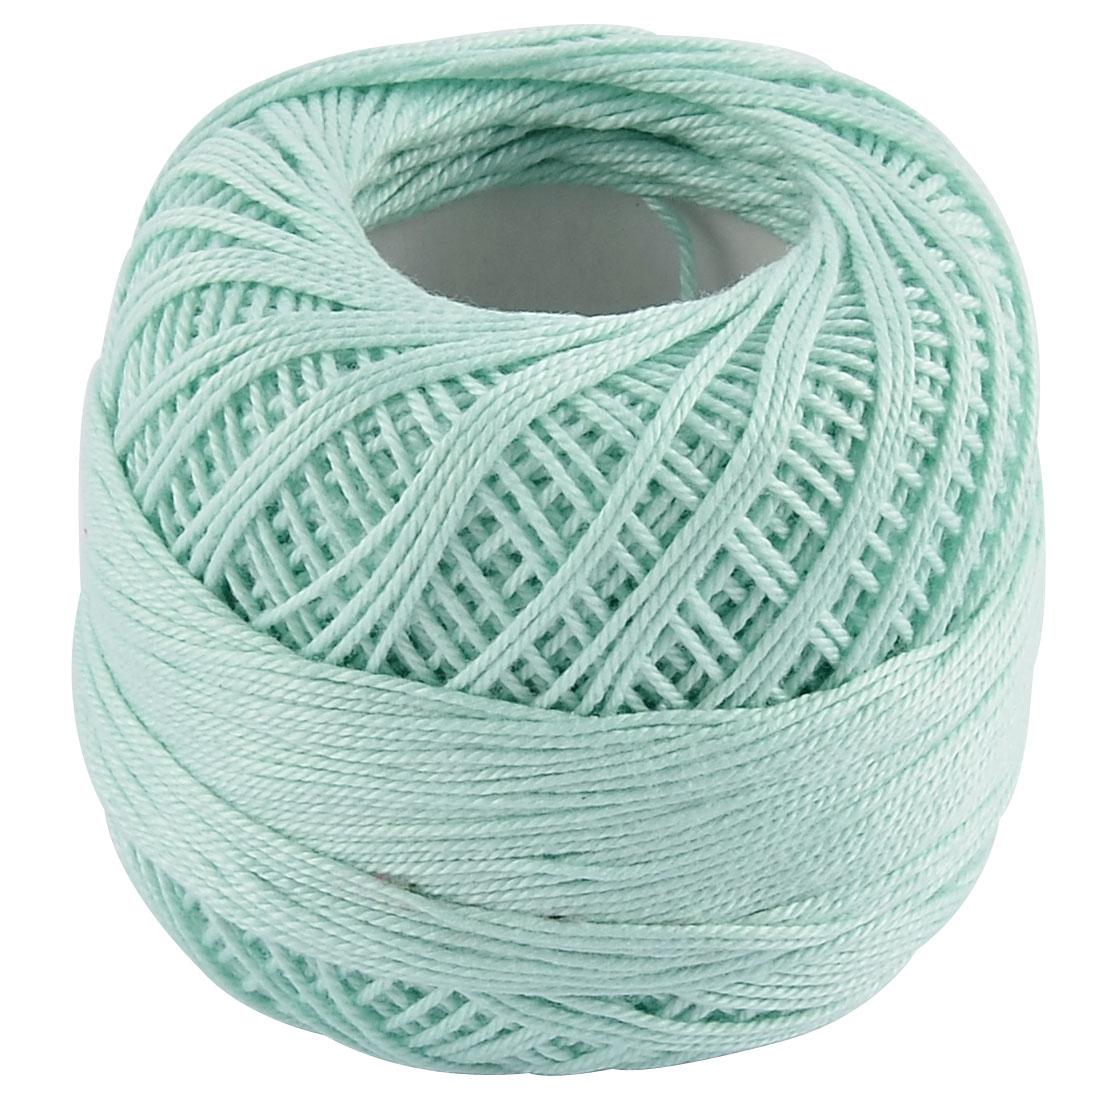 Cotton Tatting Crochet Hand Knitting Glove Shawl Muffler Yarn Thread Light Green